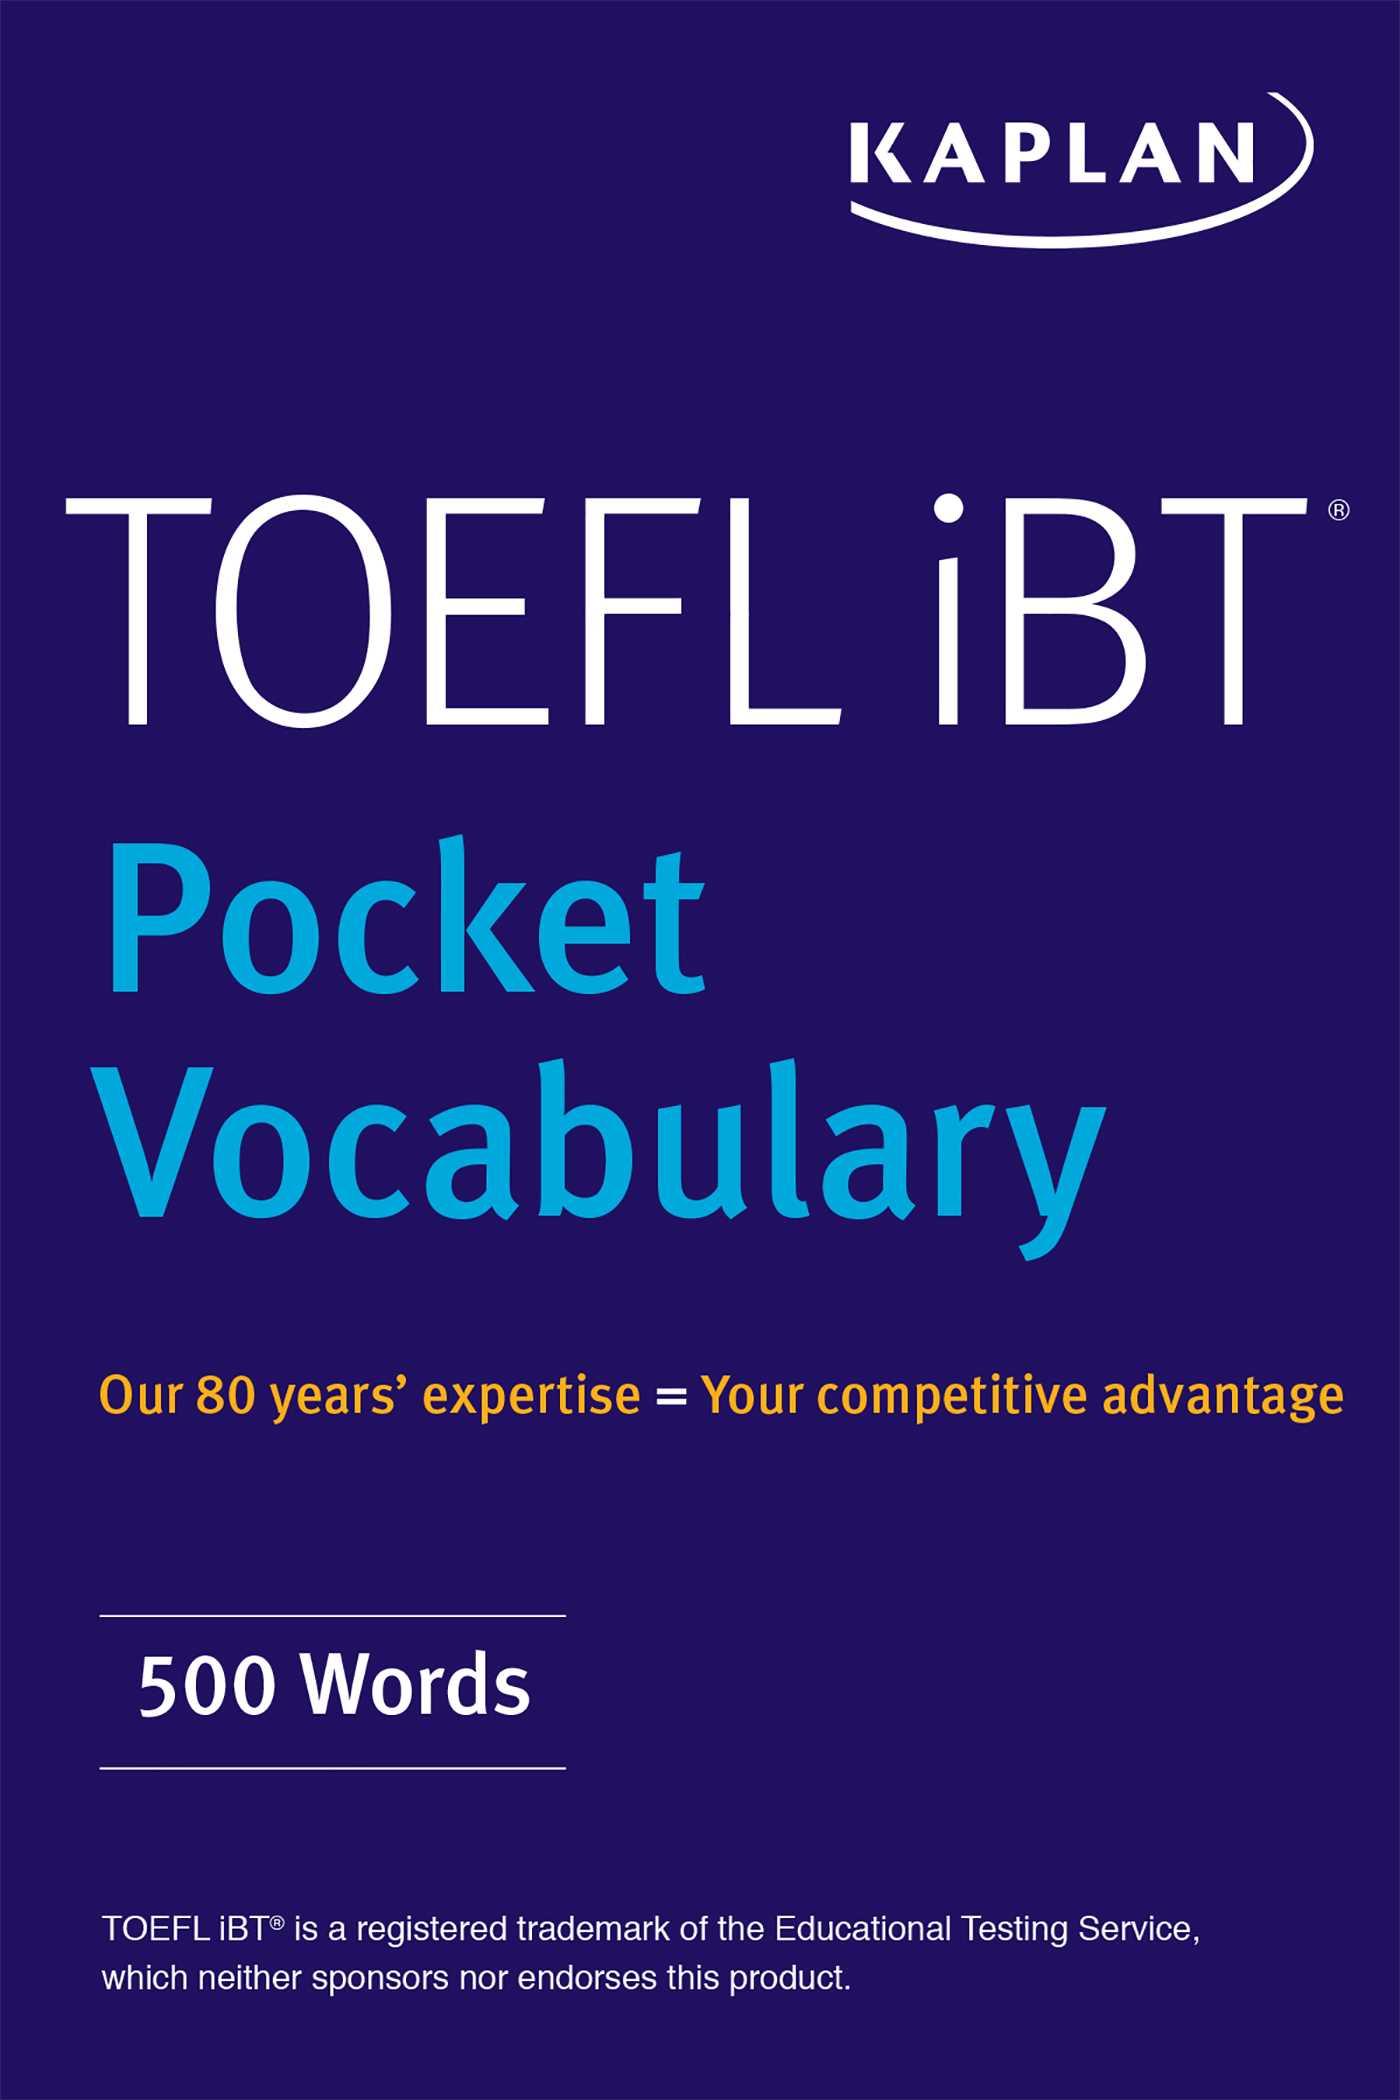 Toefl pocket vocabulary 9781506237343 hr